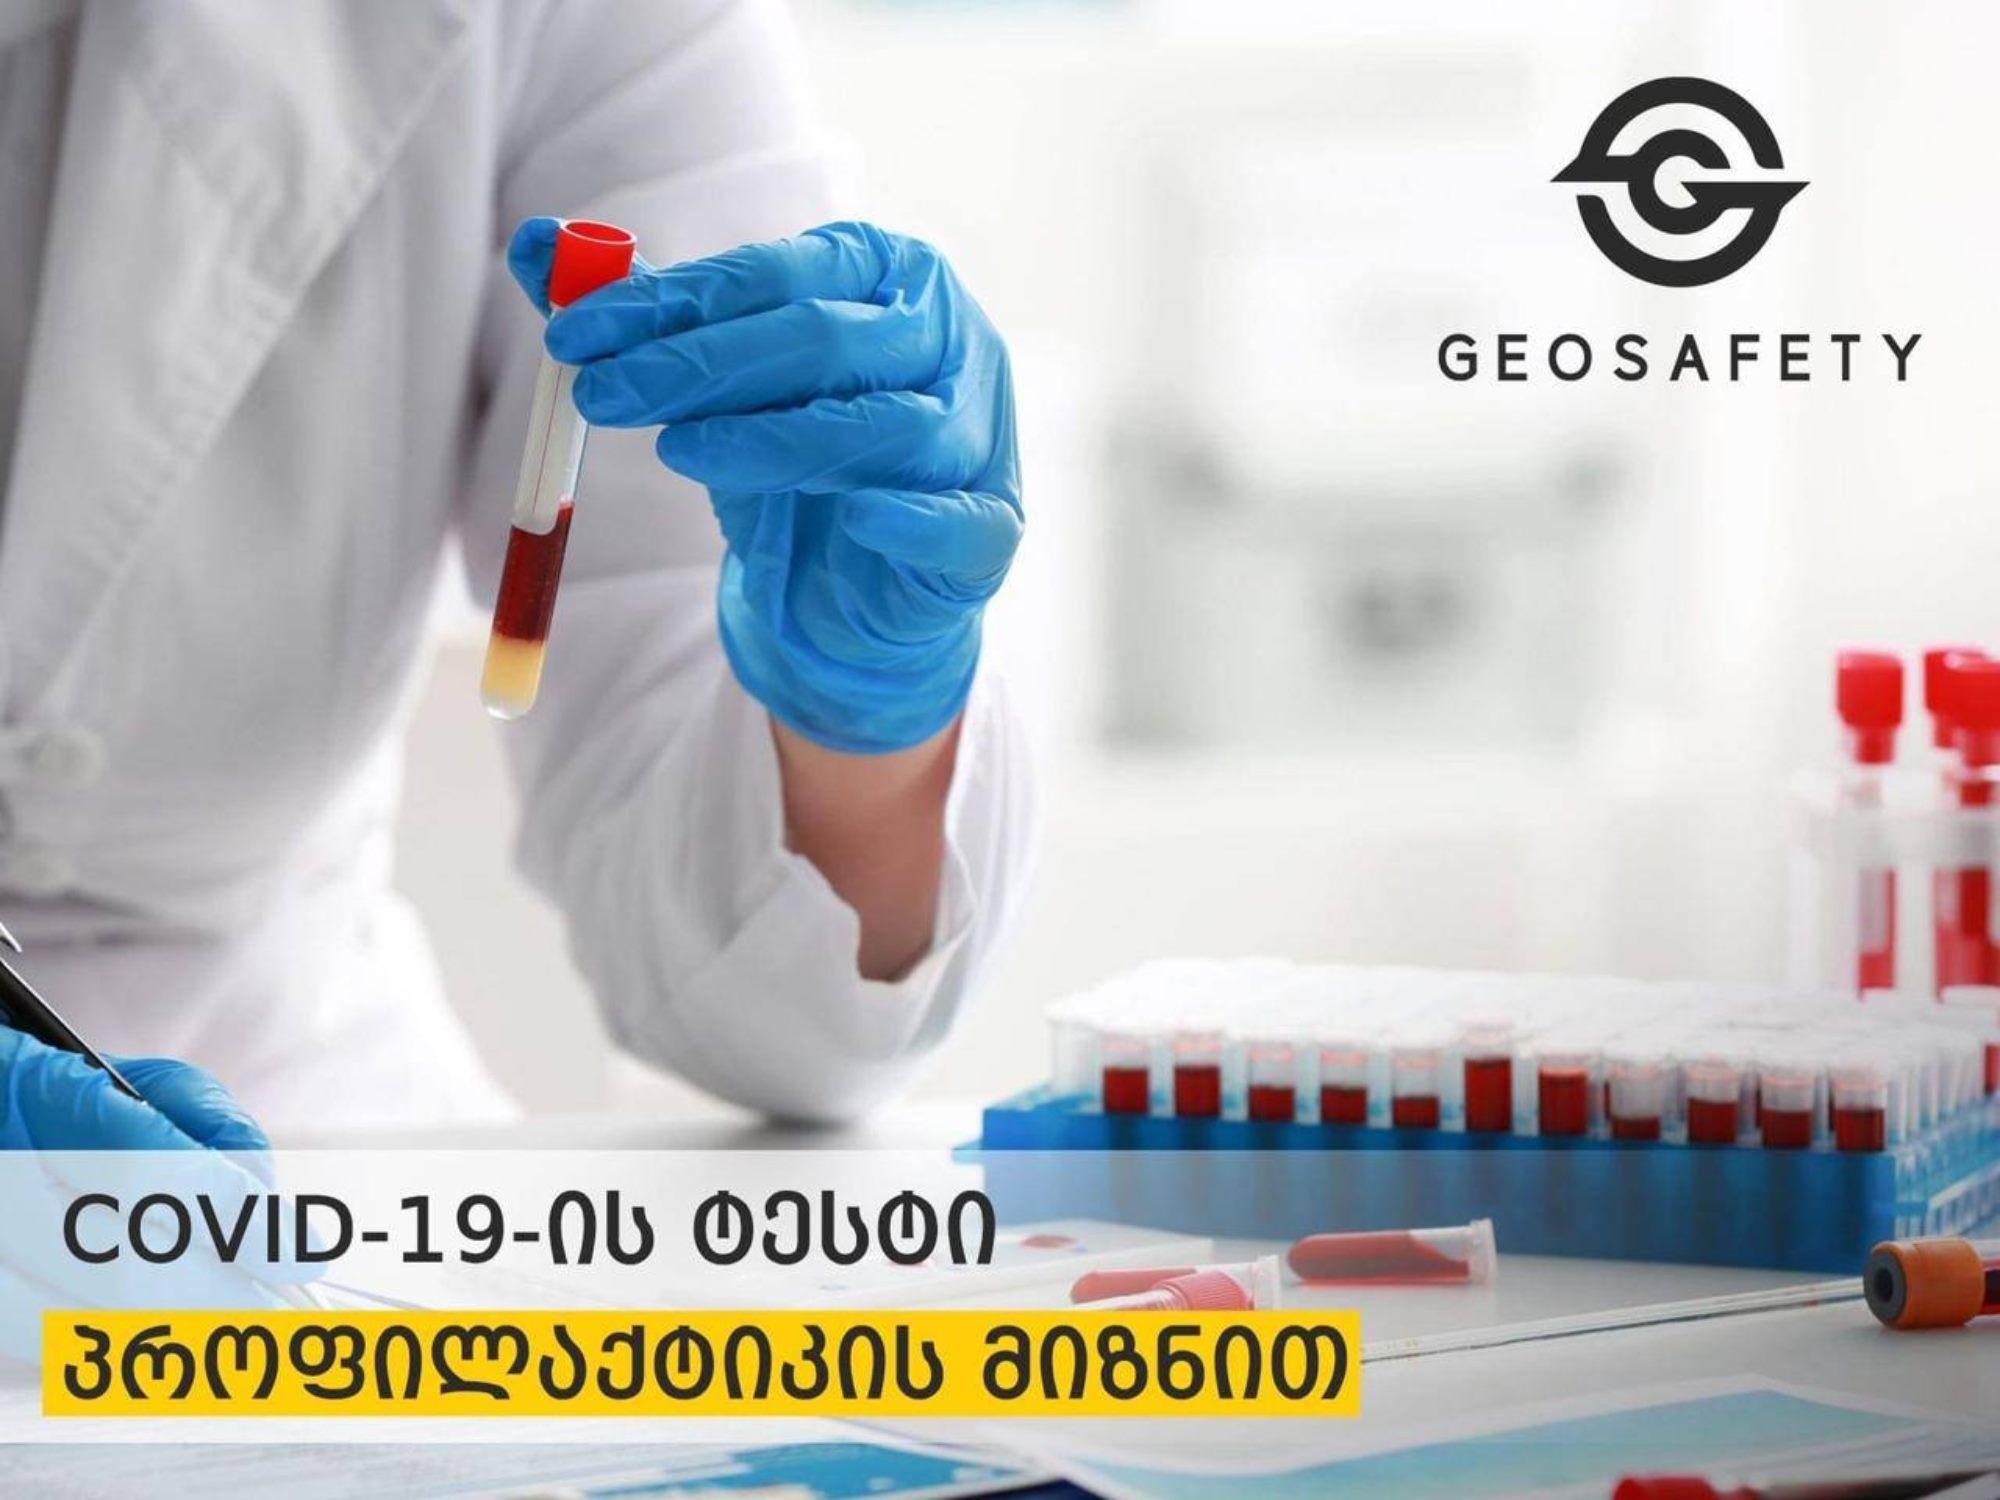 დღეიდან GeoSafety კომპანიებს ადგილზე მისვლით Covid-19-ის სადიაგნოსტიკო ამერიკული წარმოების სწრაფი ტესტ-სისტემით დატესტვას სთავაზობს